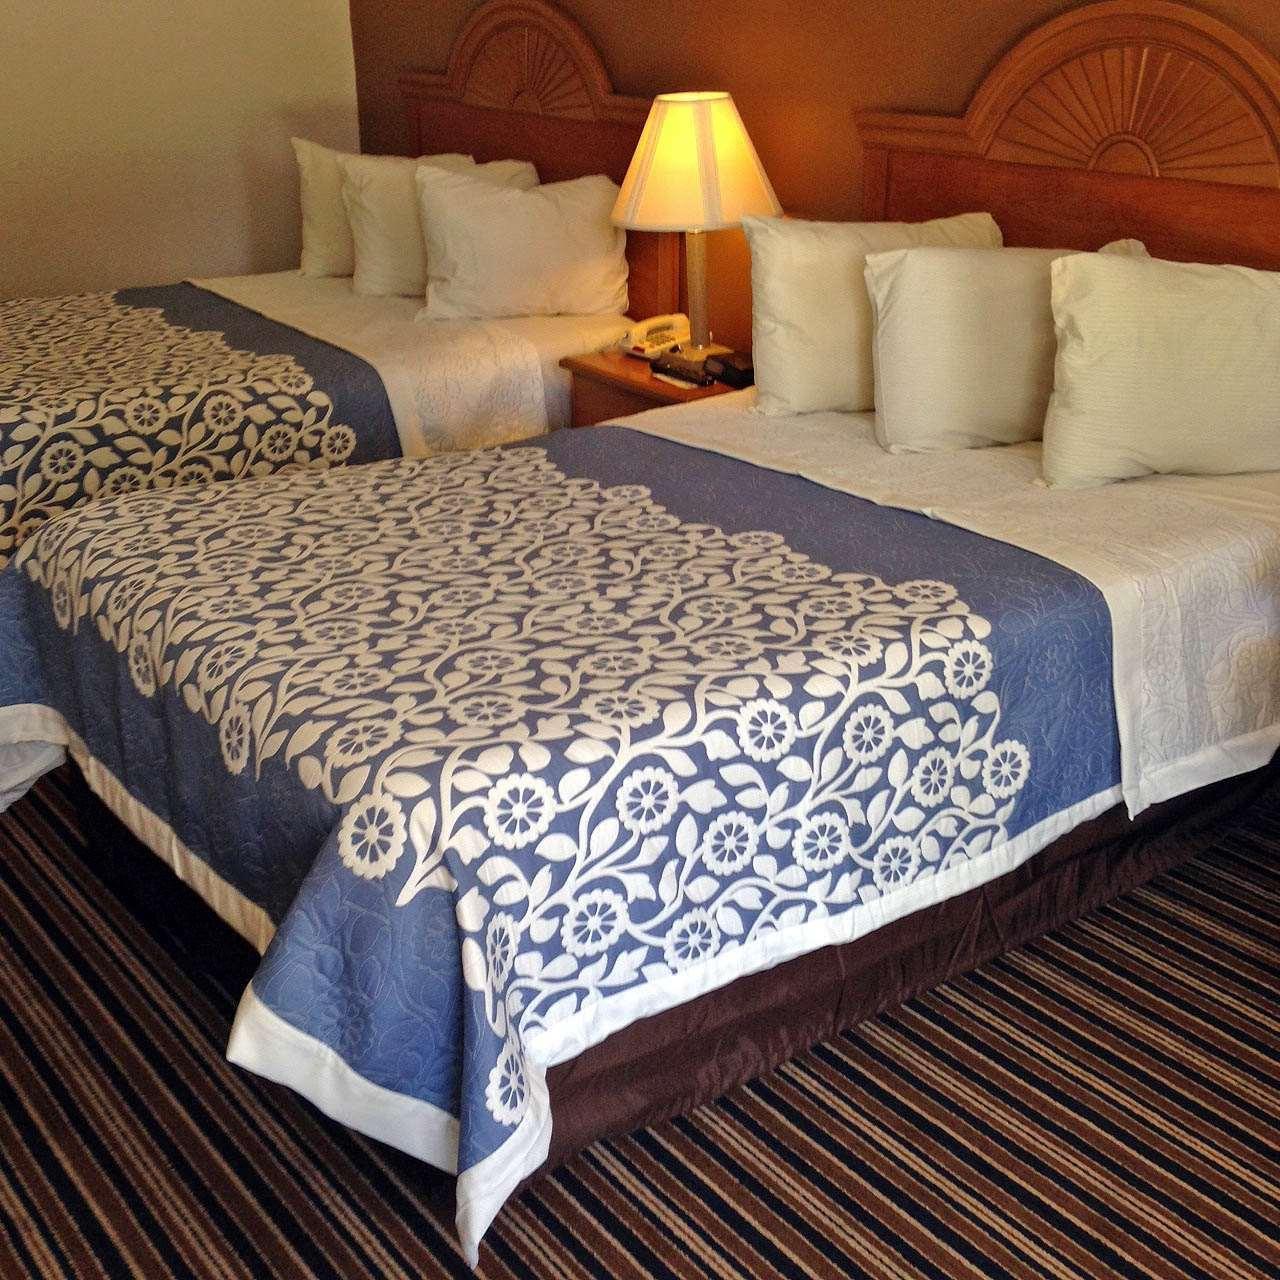 2 Double Beds Non-Smoking